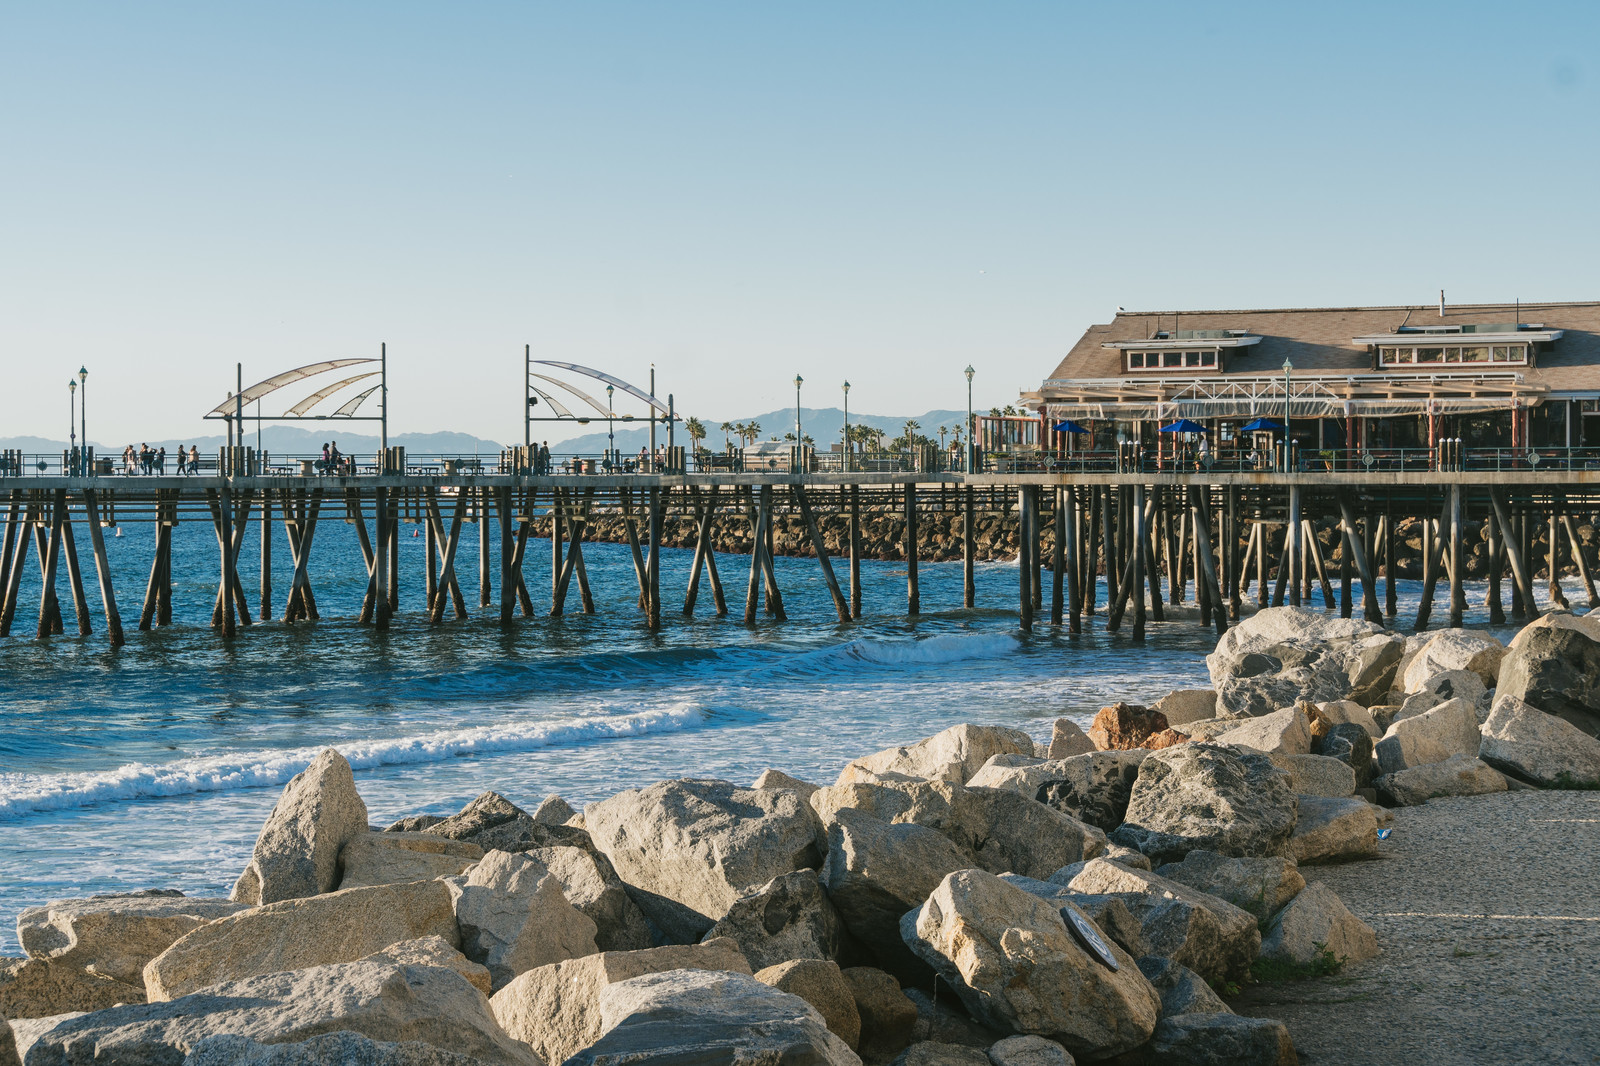 「木橋のレドンドビーチ」の写真